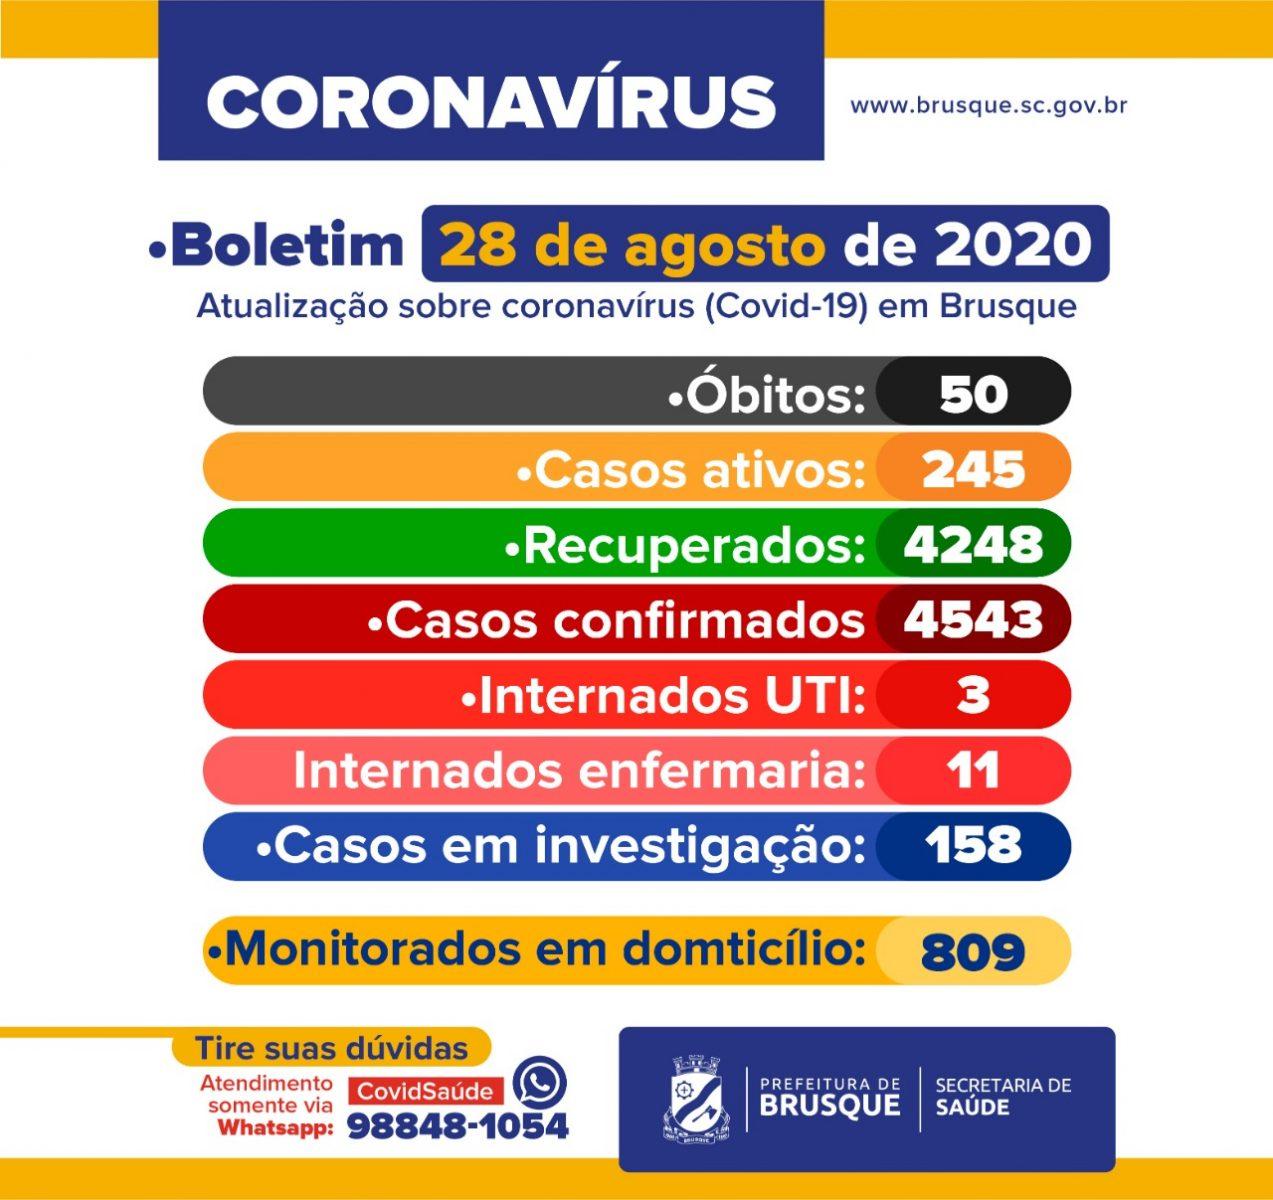 COVID-19: Boletim epidemiológico desta sexta-feira (28) de agosto